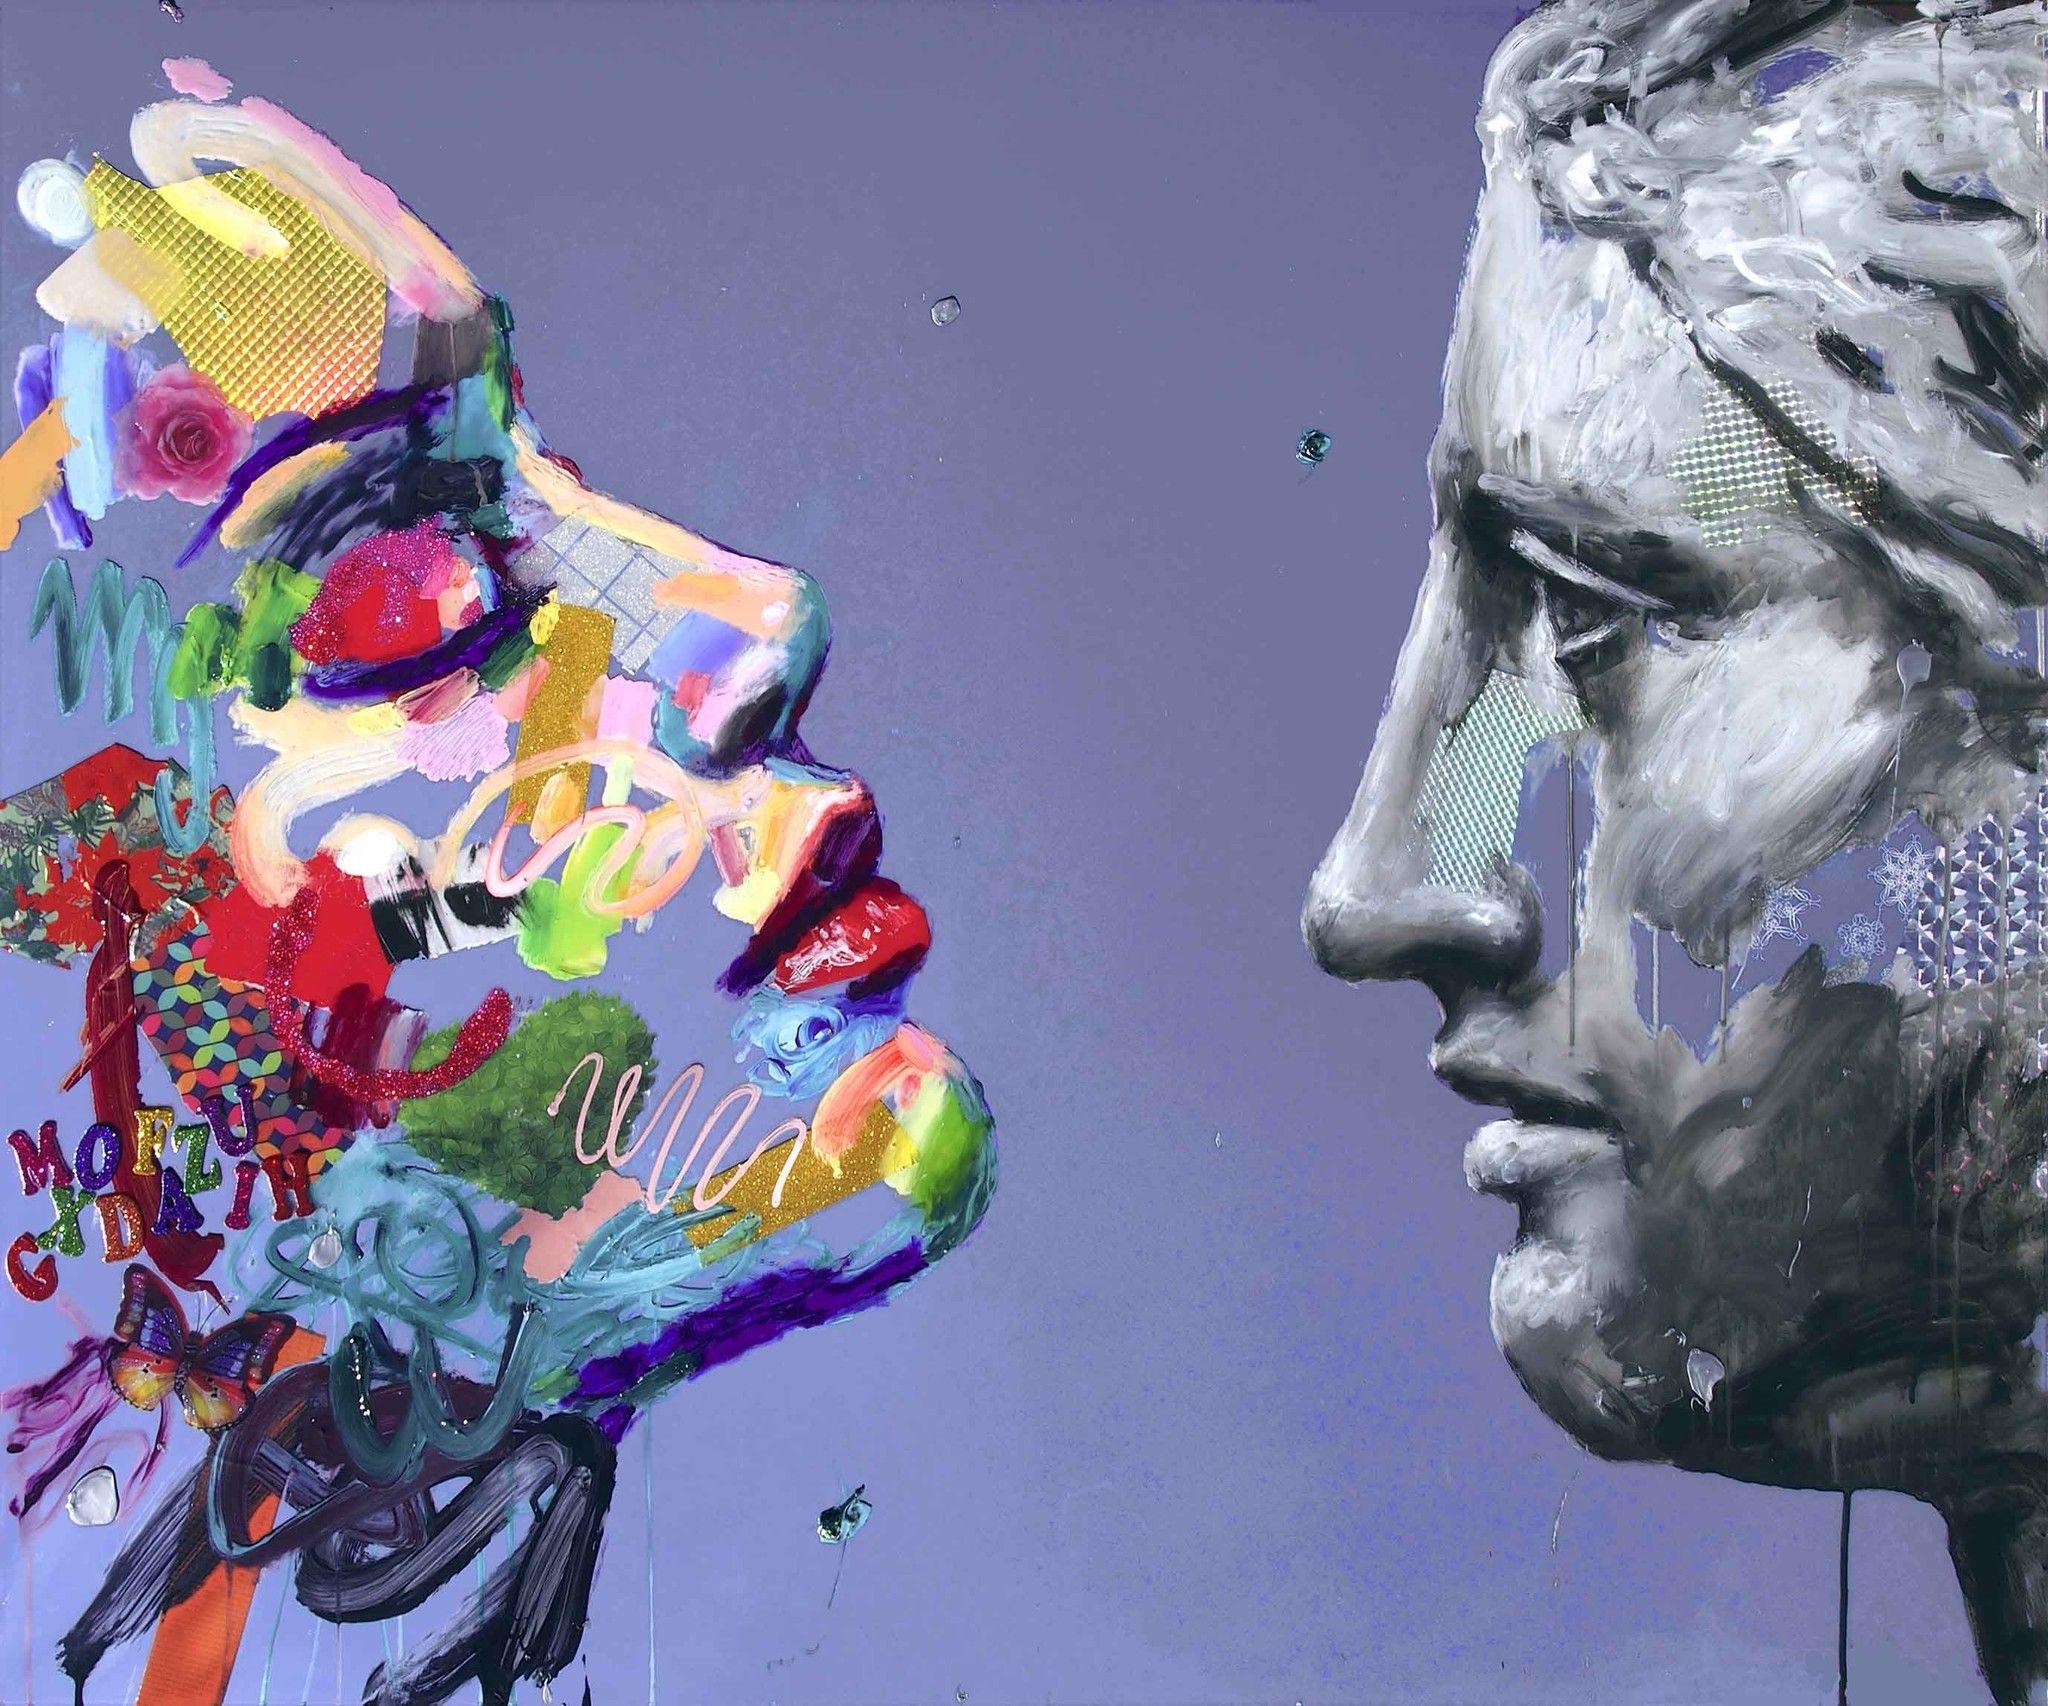 MIXED MEDIA  ANTONIO MURGIA ' THE HEART RESPONDS '  dimensioni L 120 x H 100 cm.